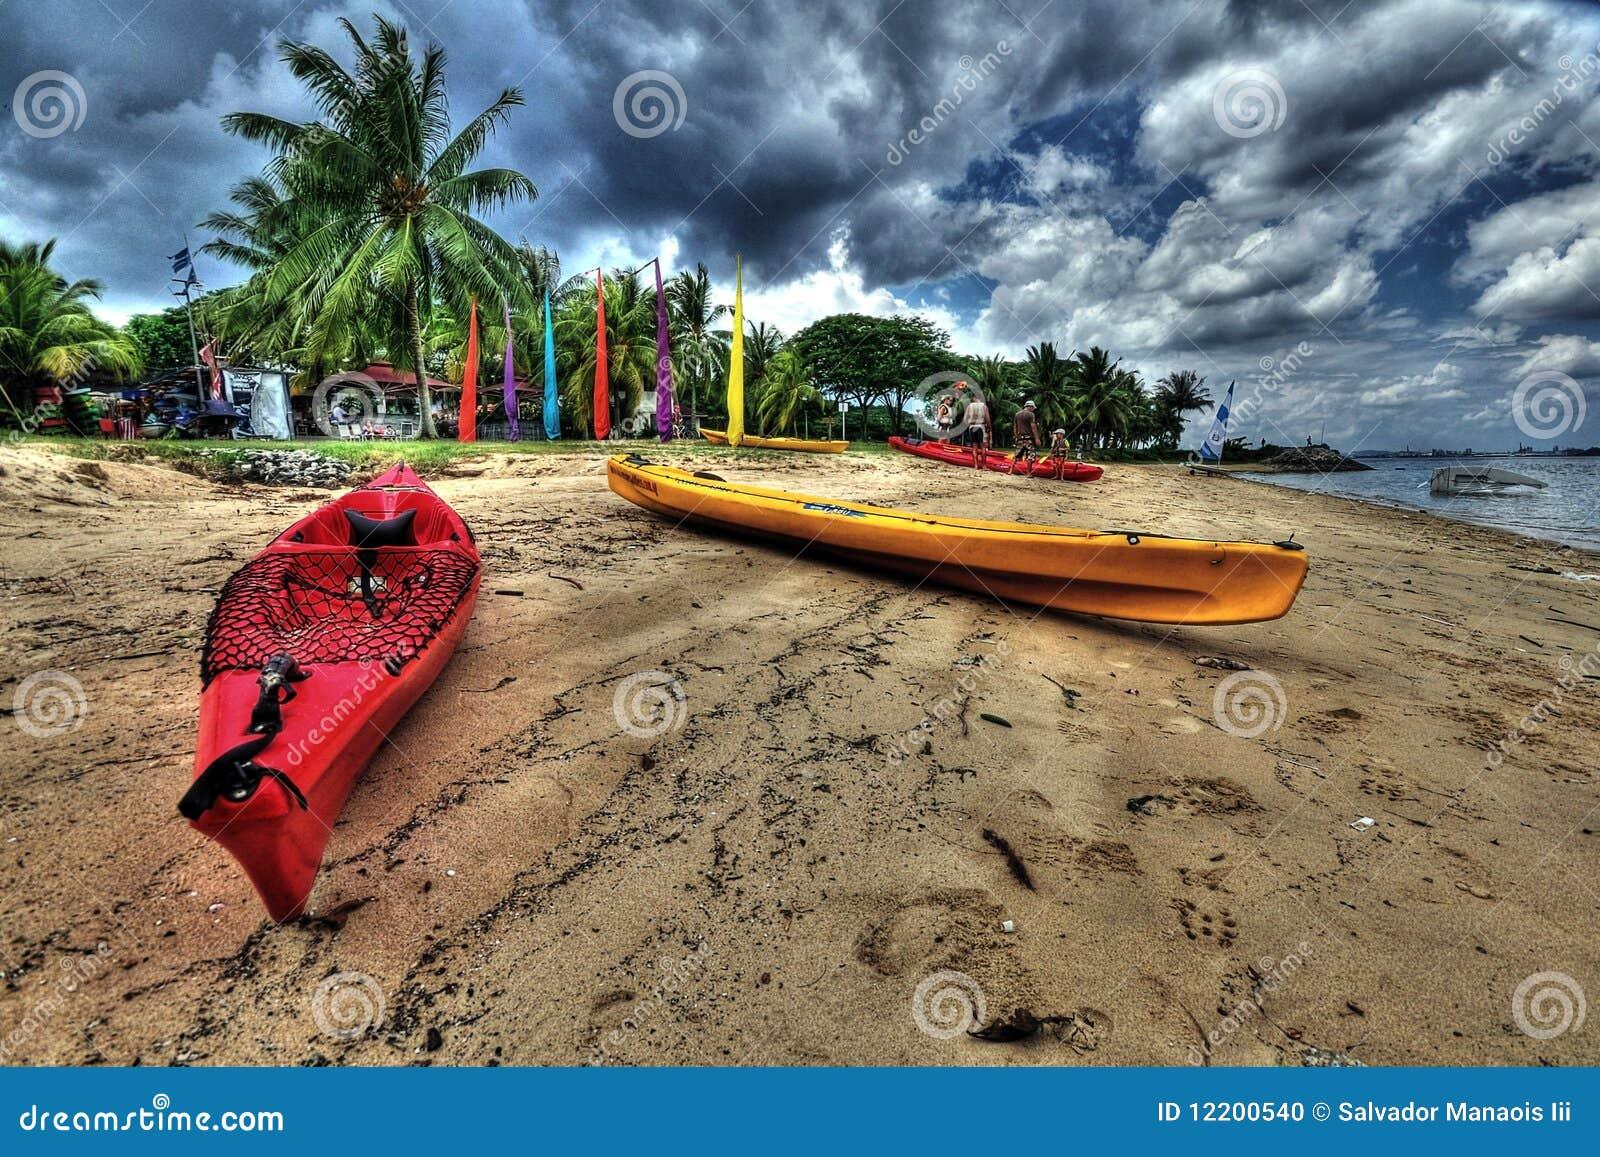 Kajaks auf einem Strand